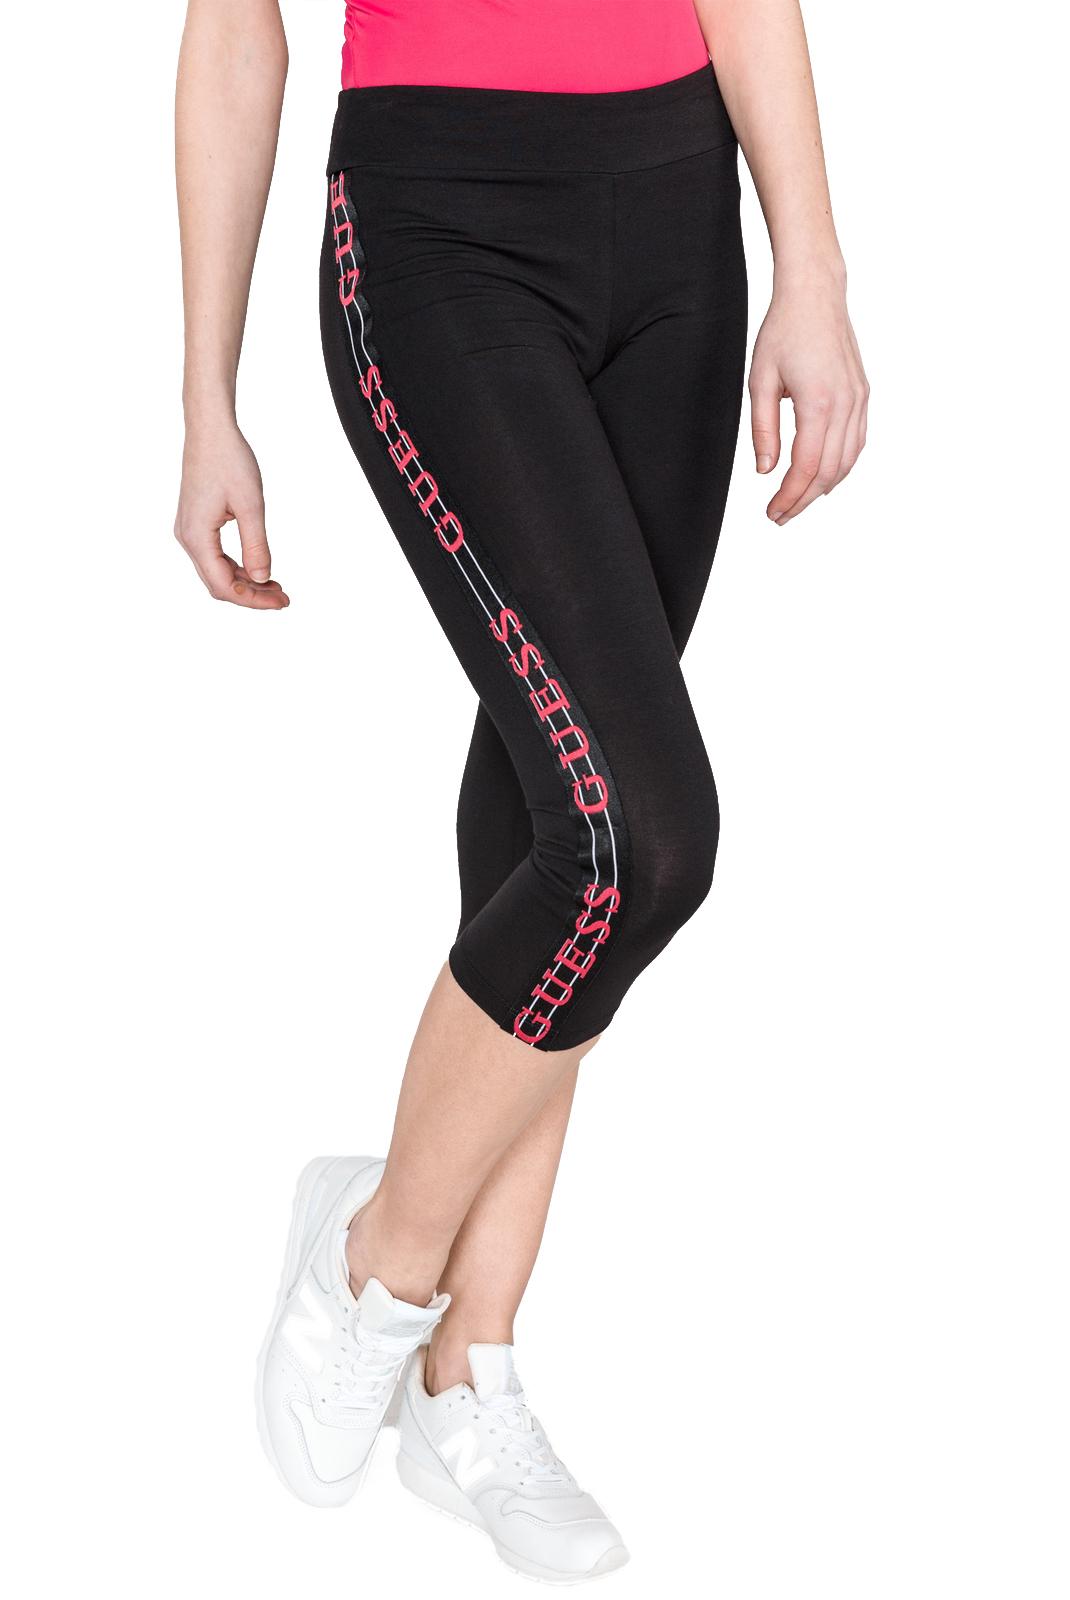 Pantalons  Guess jeans O92A05 JR046 A996